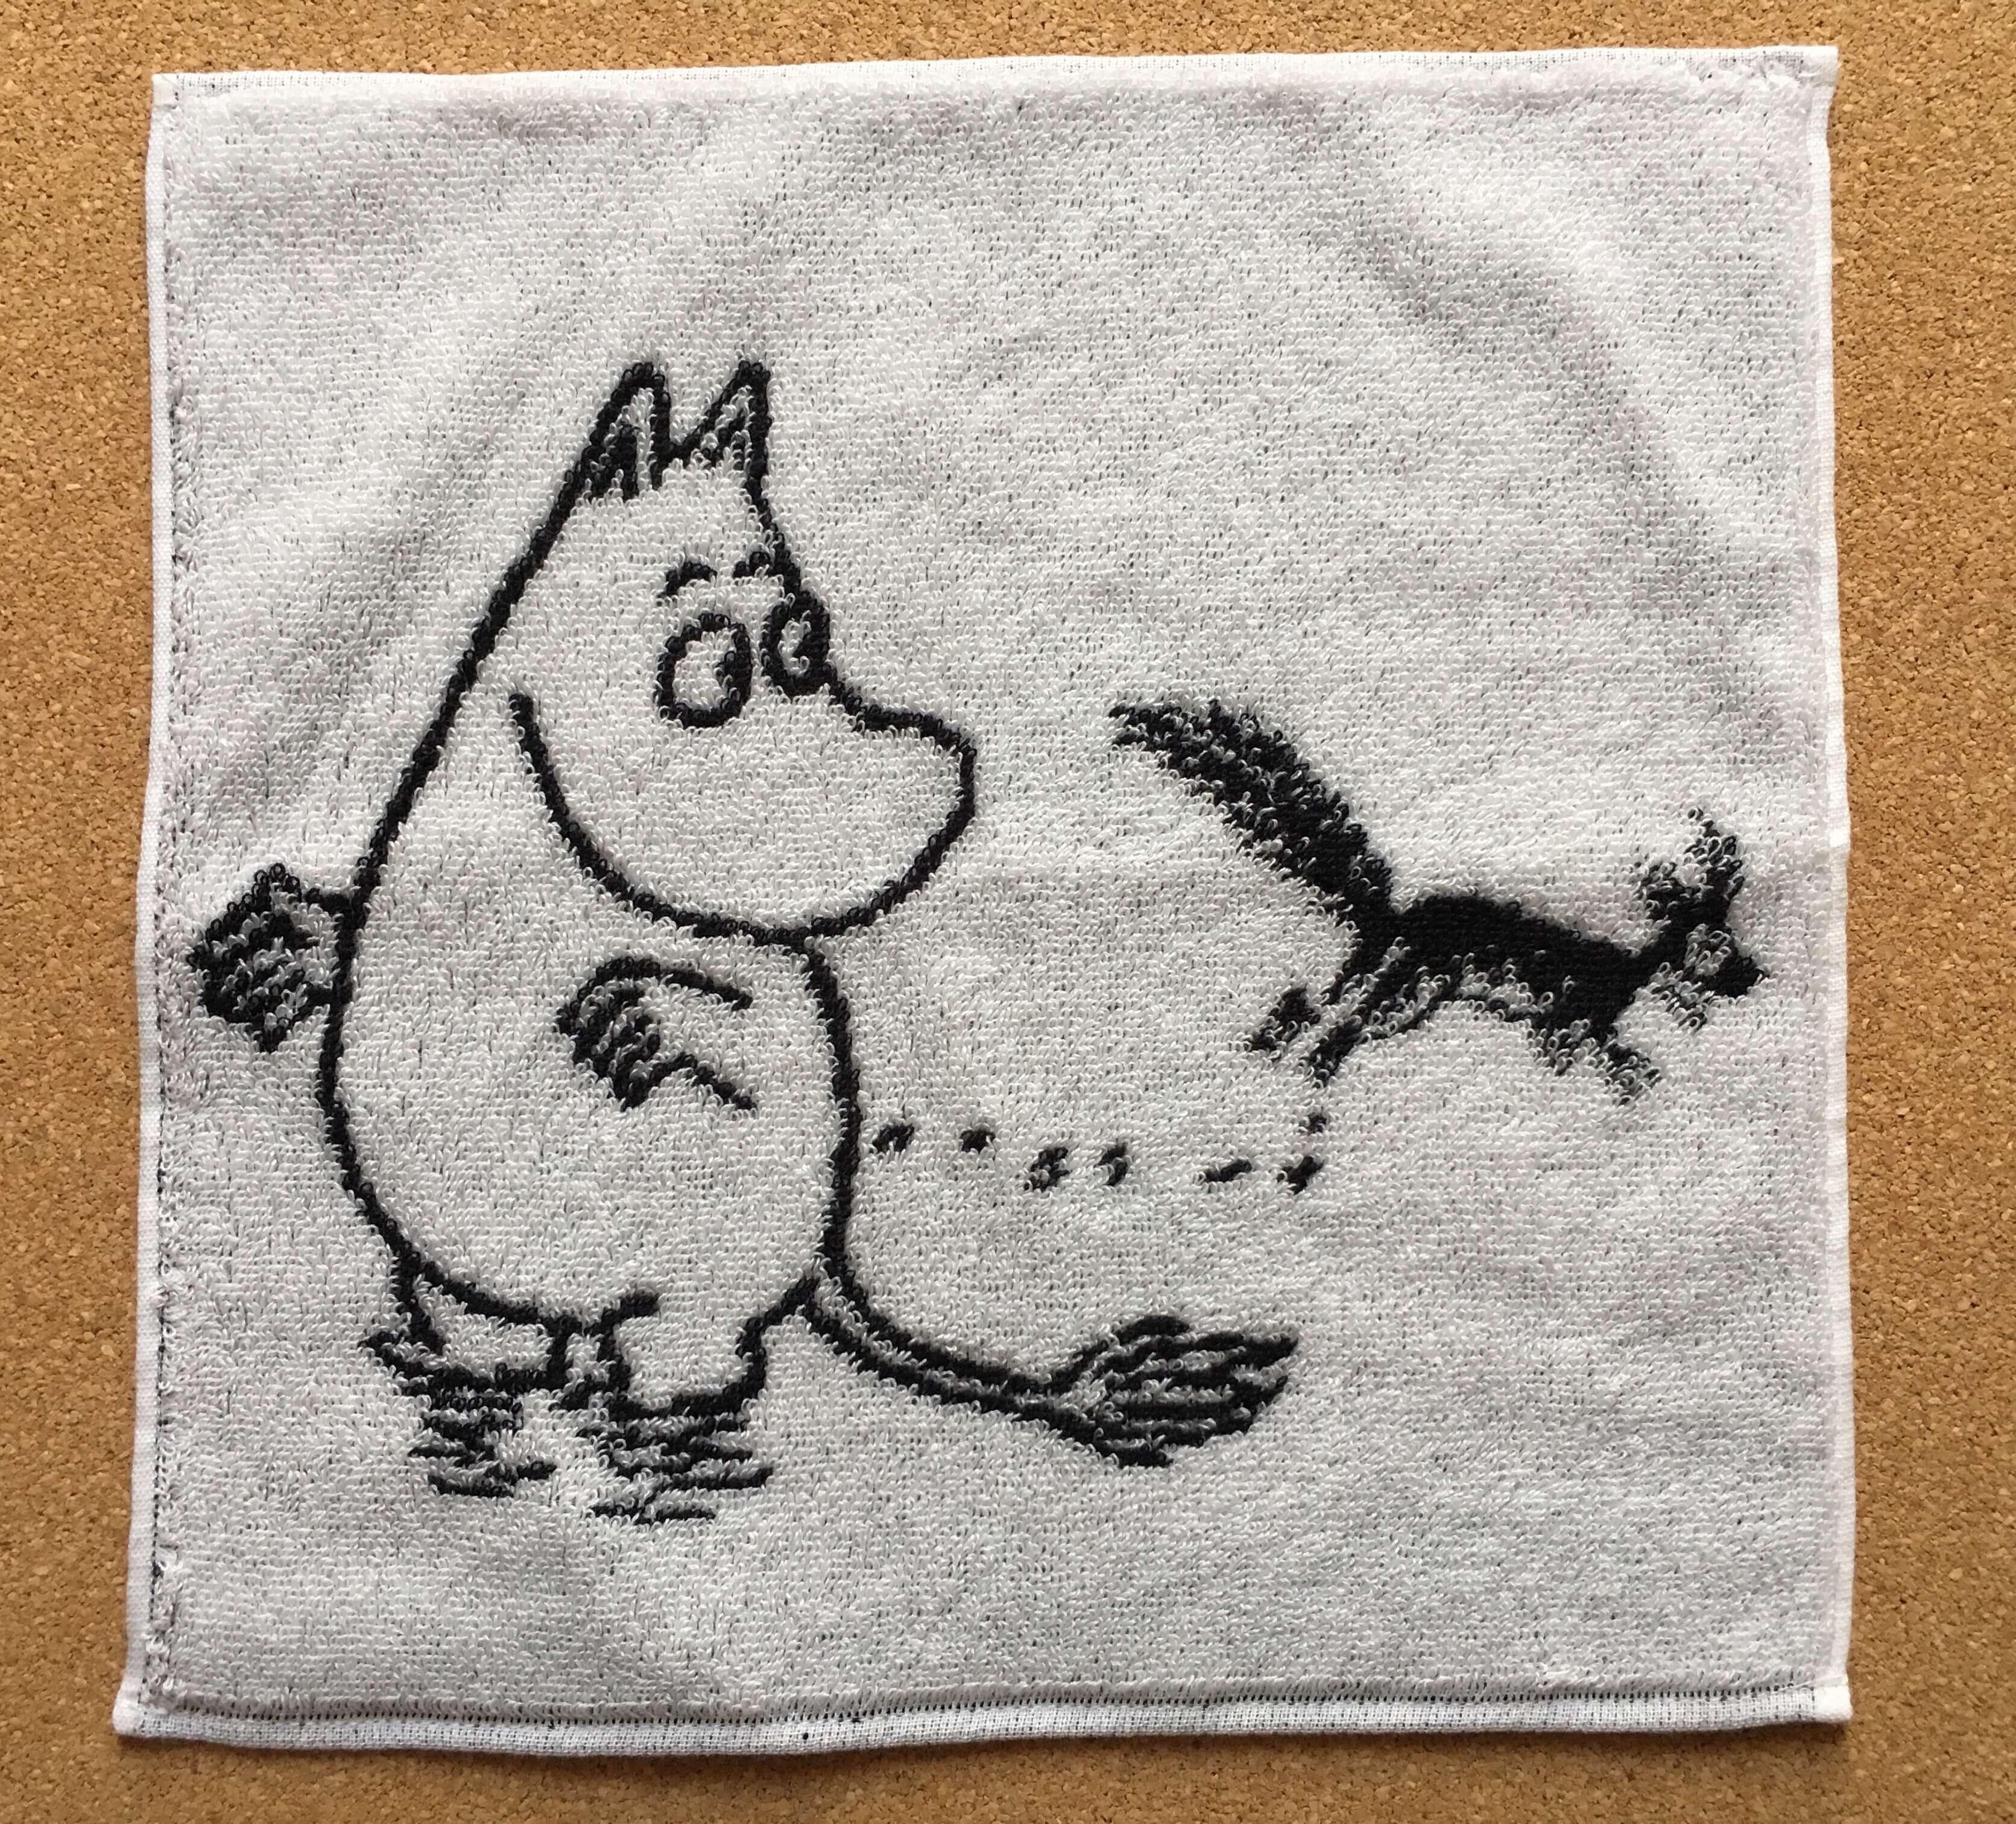 ムーミン展で購入したハンドタオル